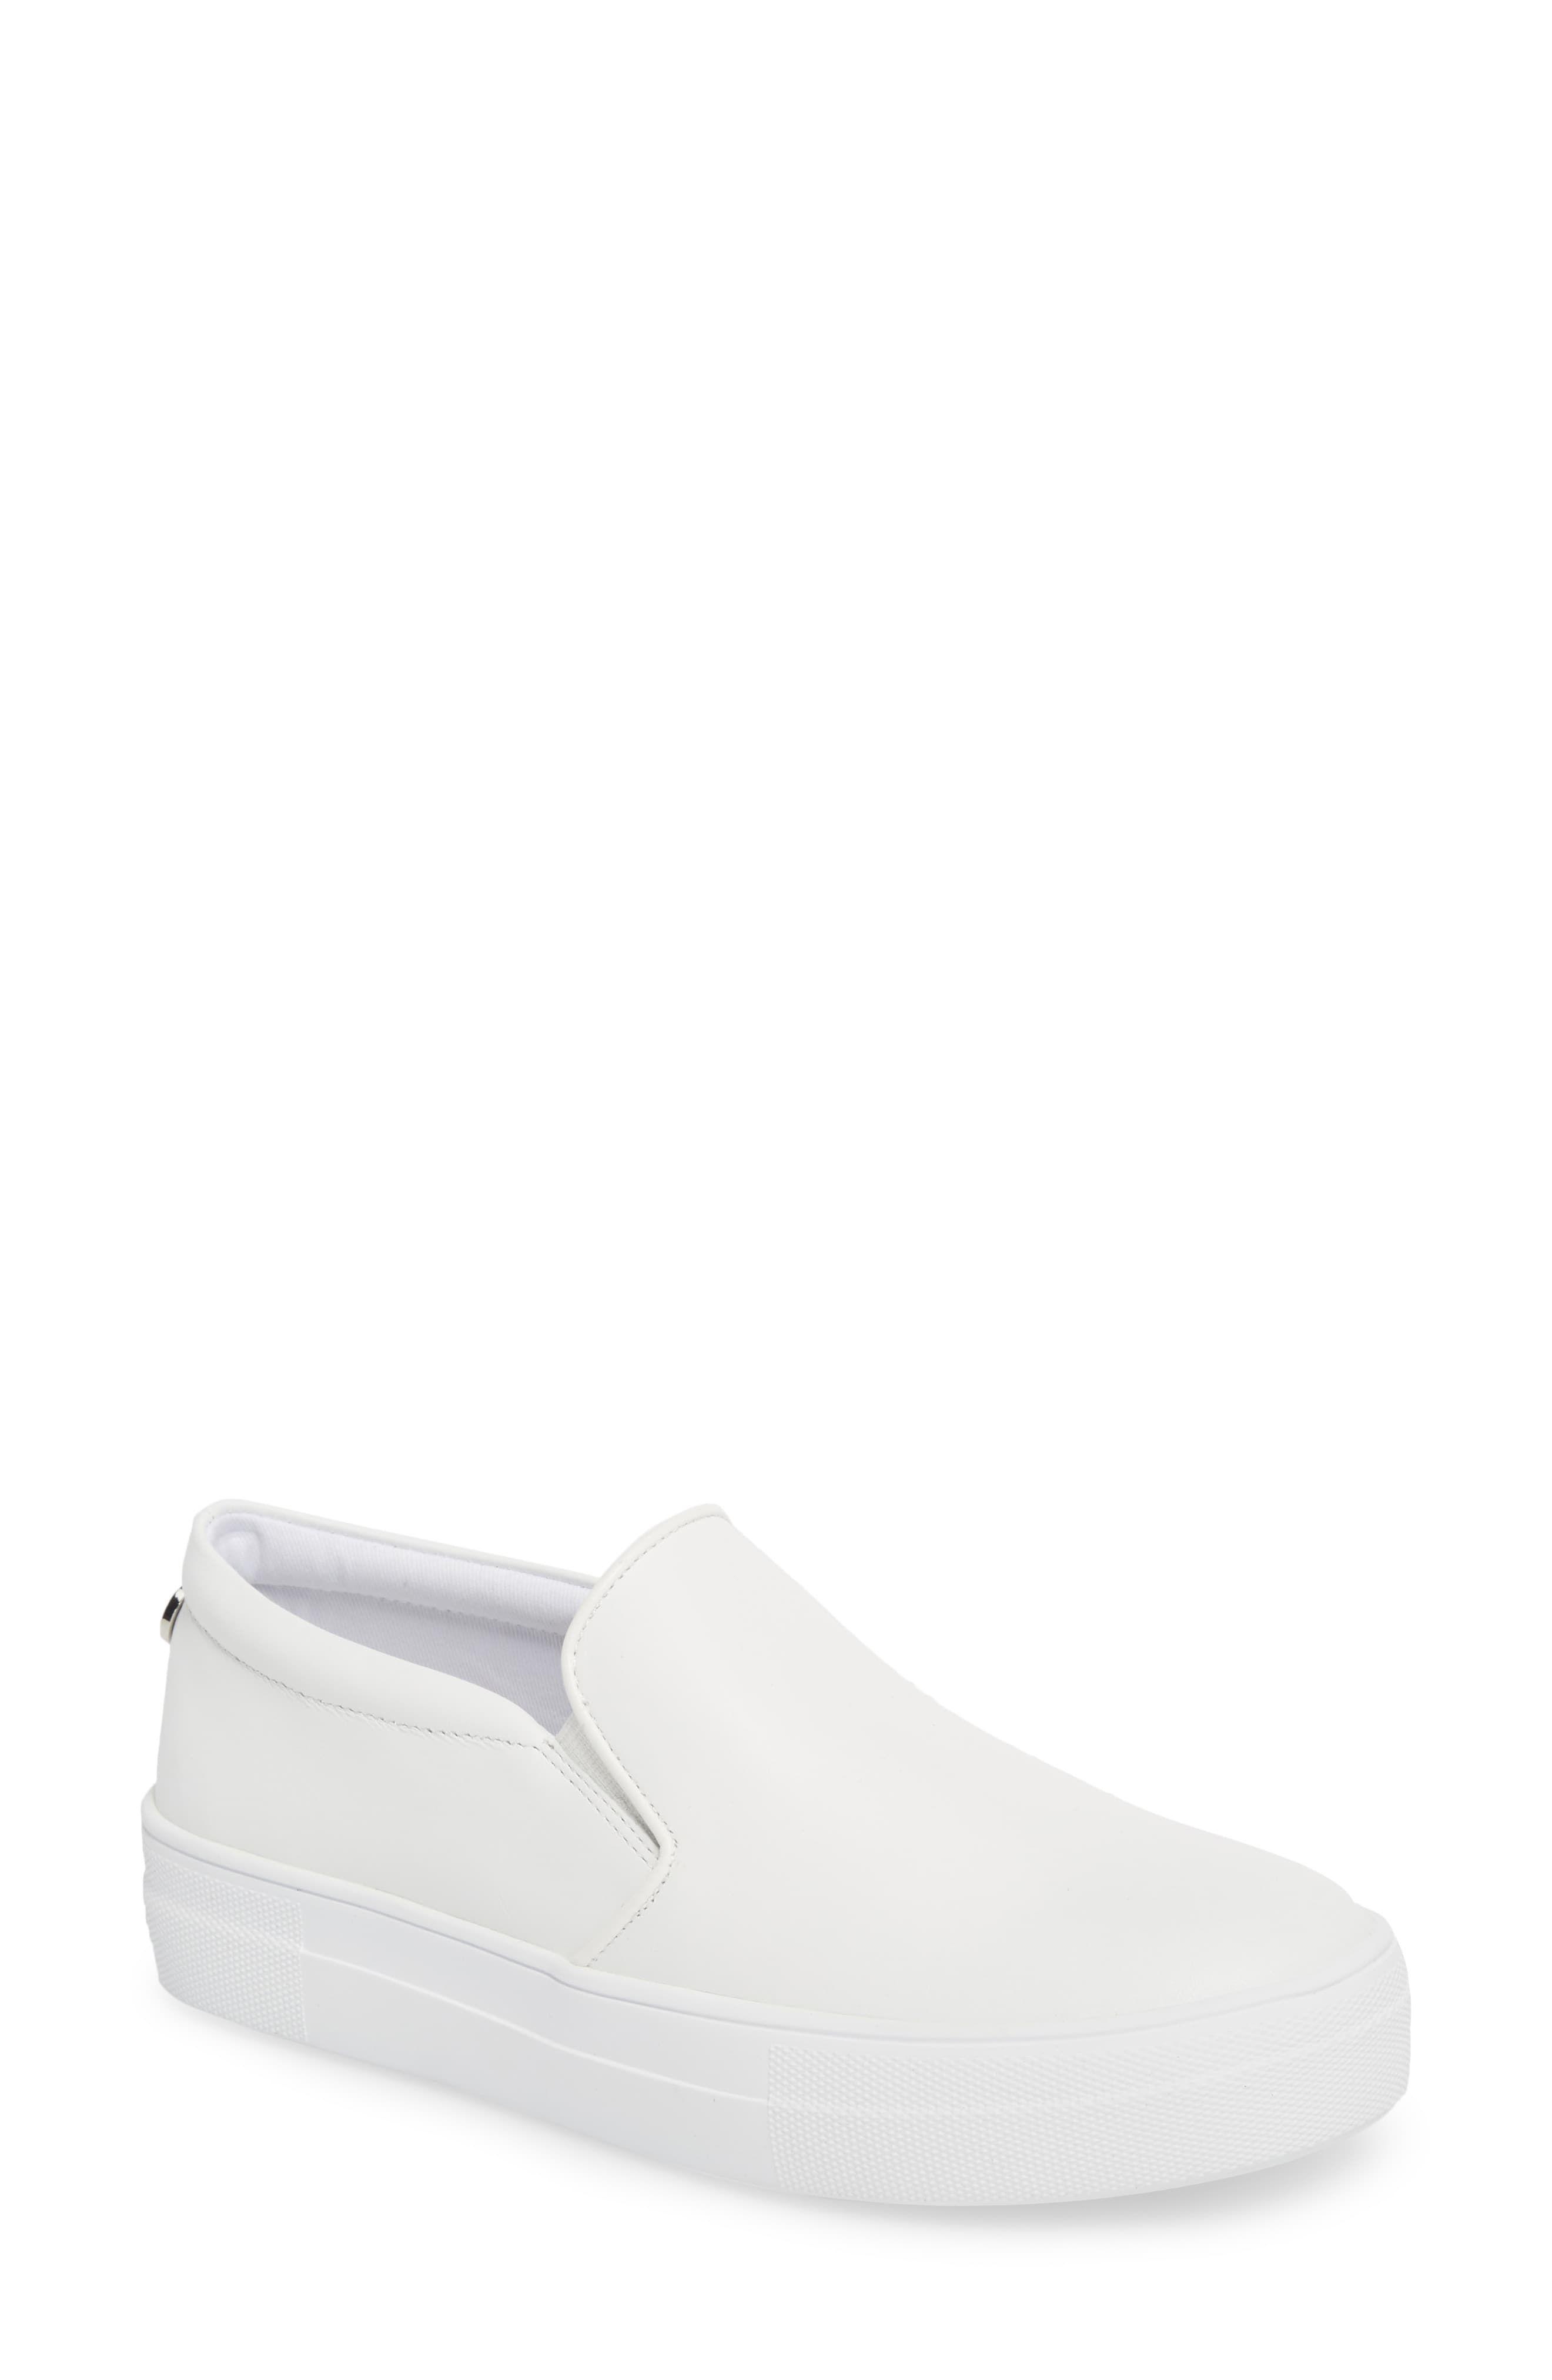 26d3e0361b3 Women's Steve Madden Gills Platform Slip-On Sneaker, Size 5 M ...